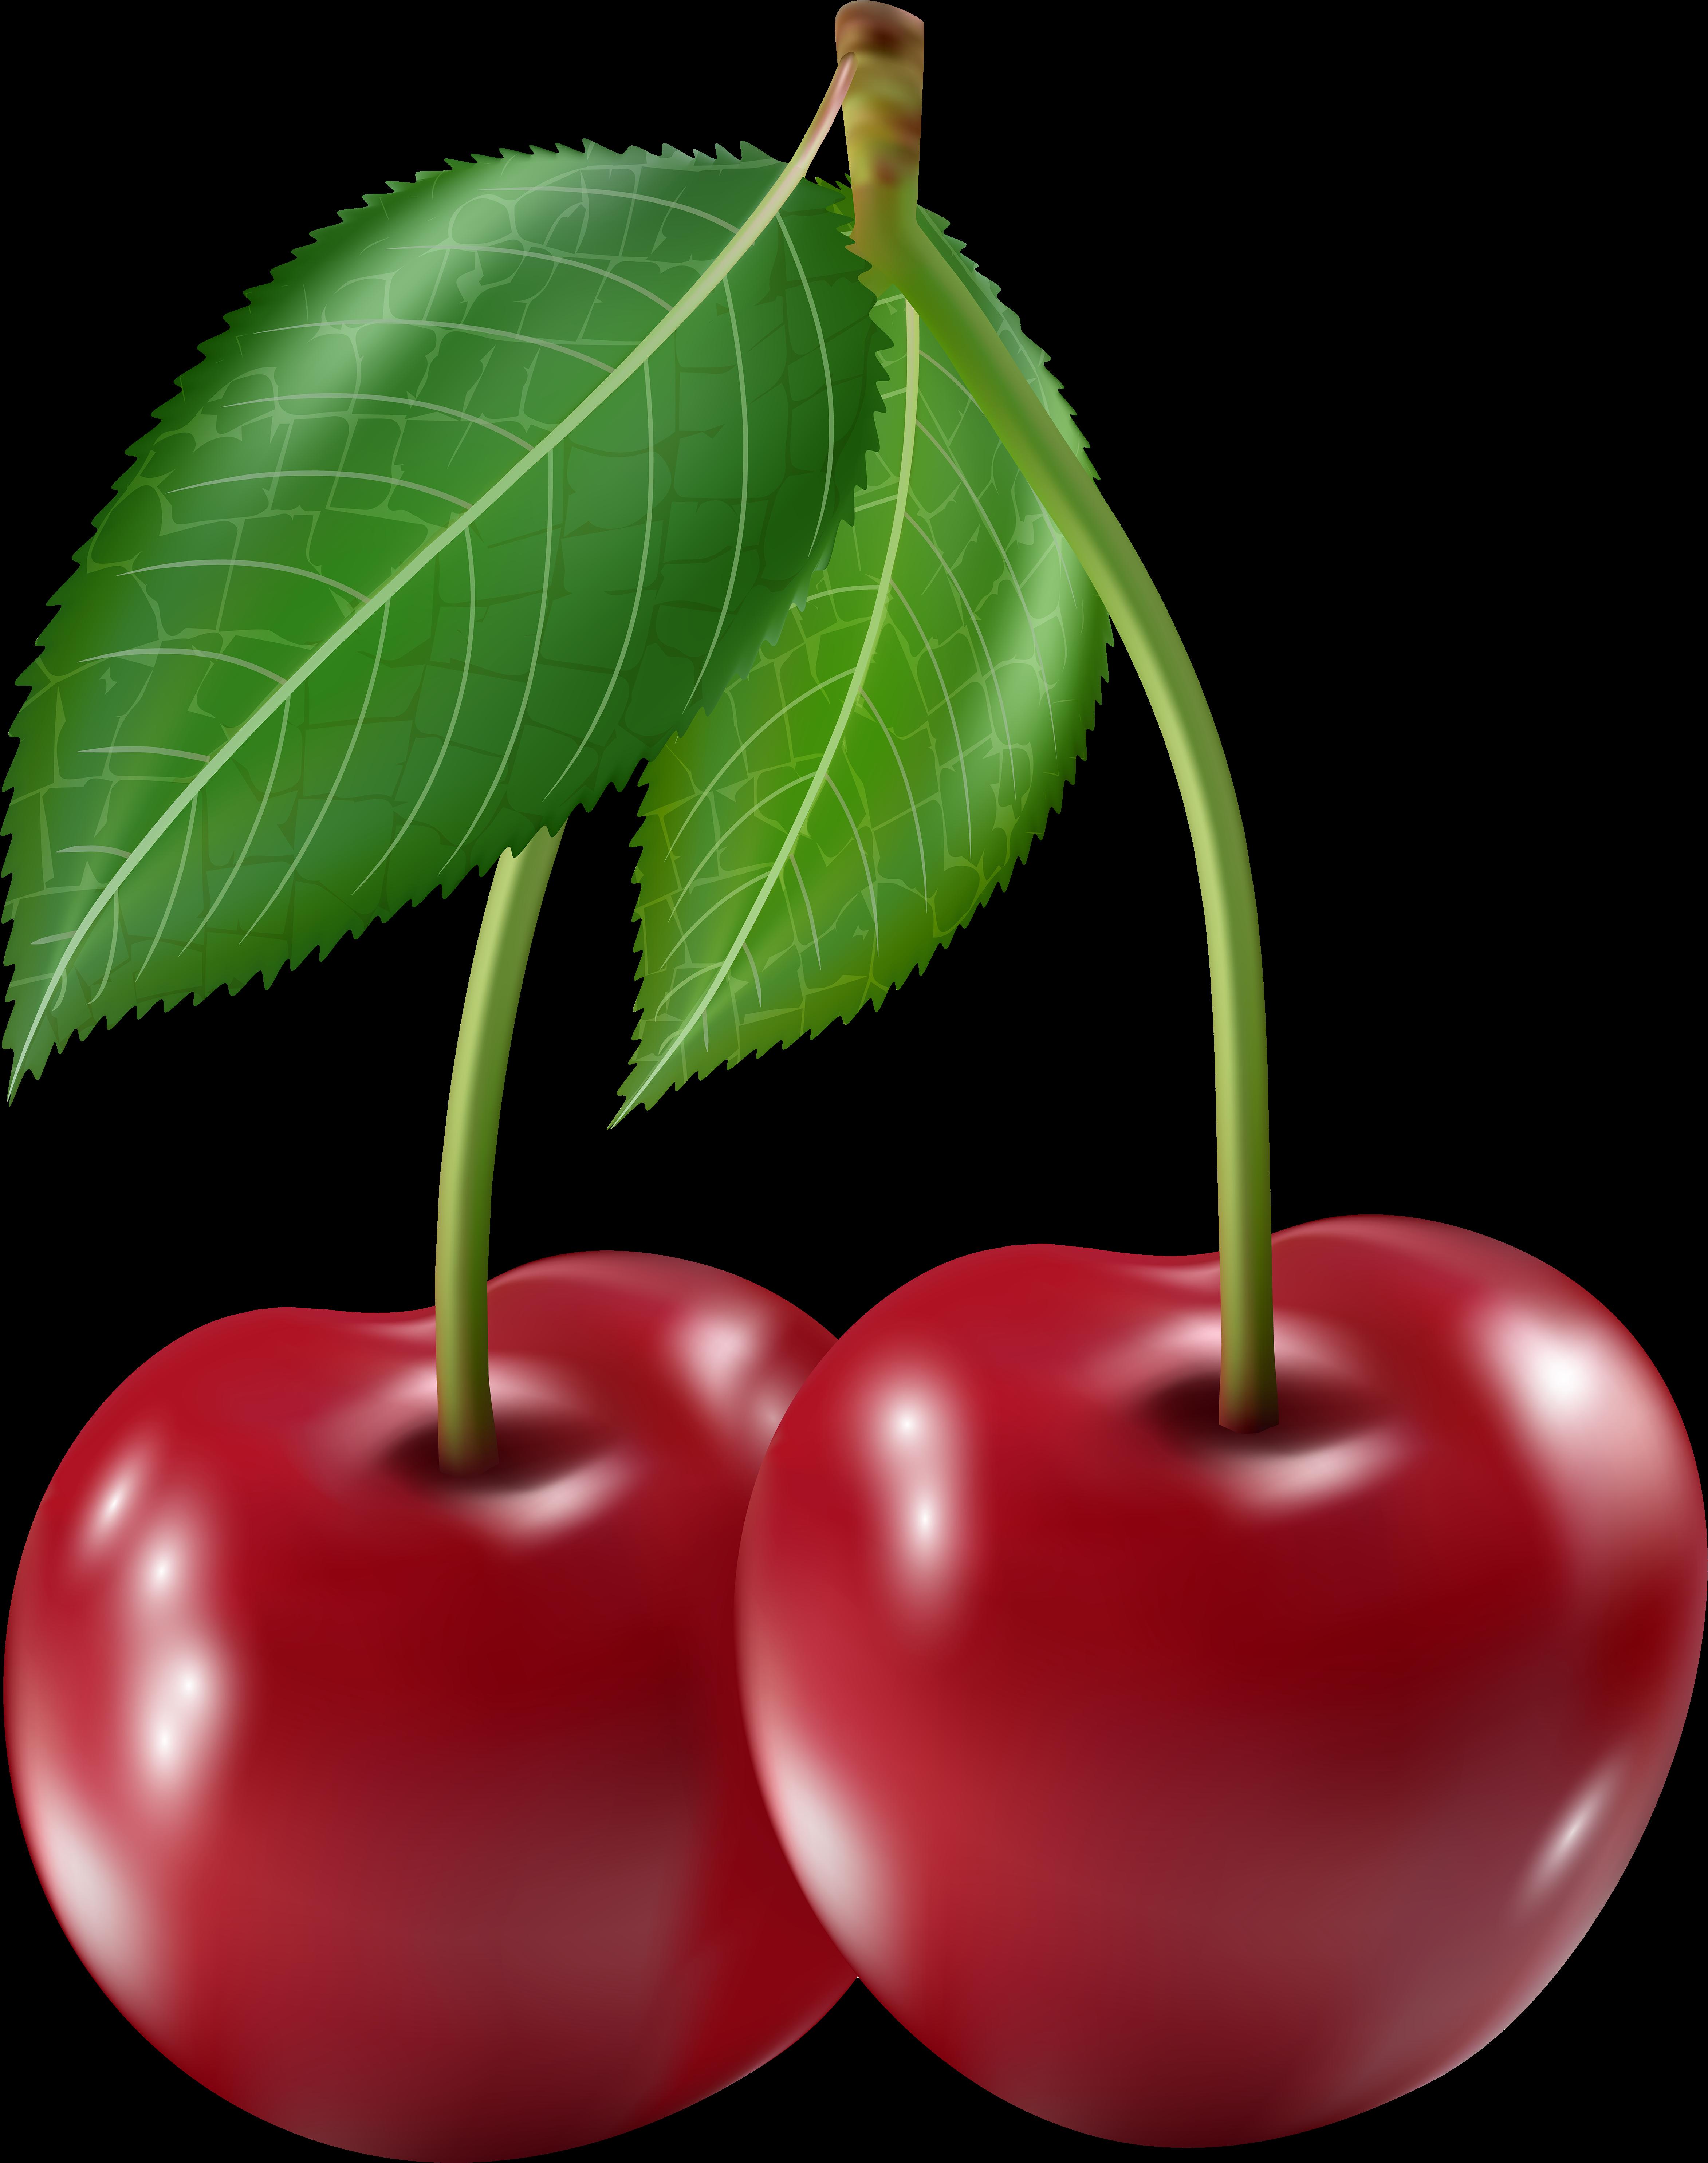 Frutas cereja png download. Cherry clipart kid